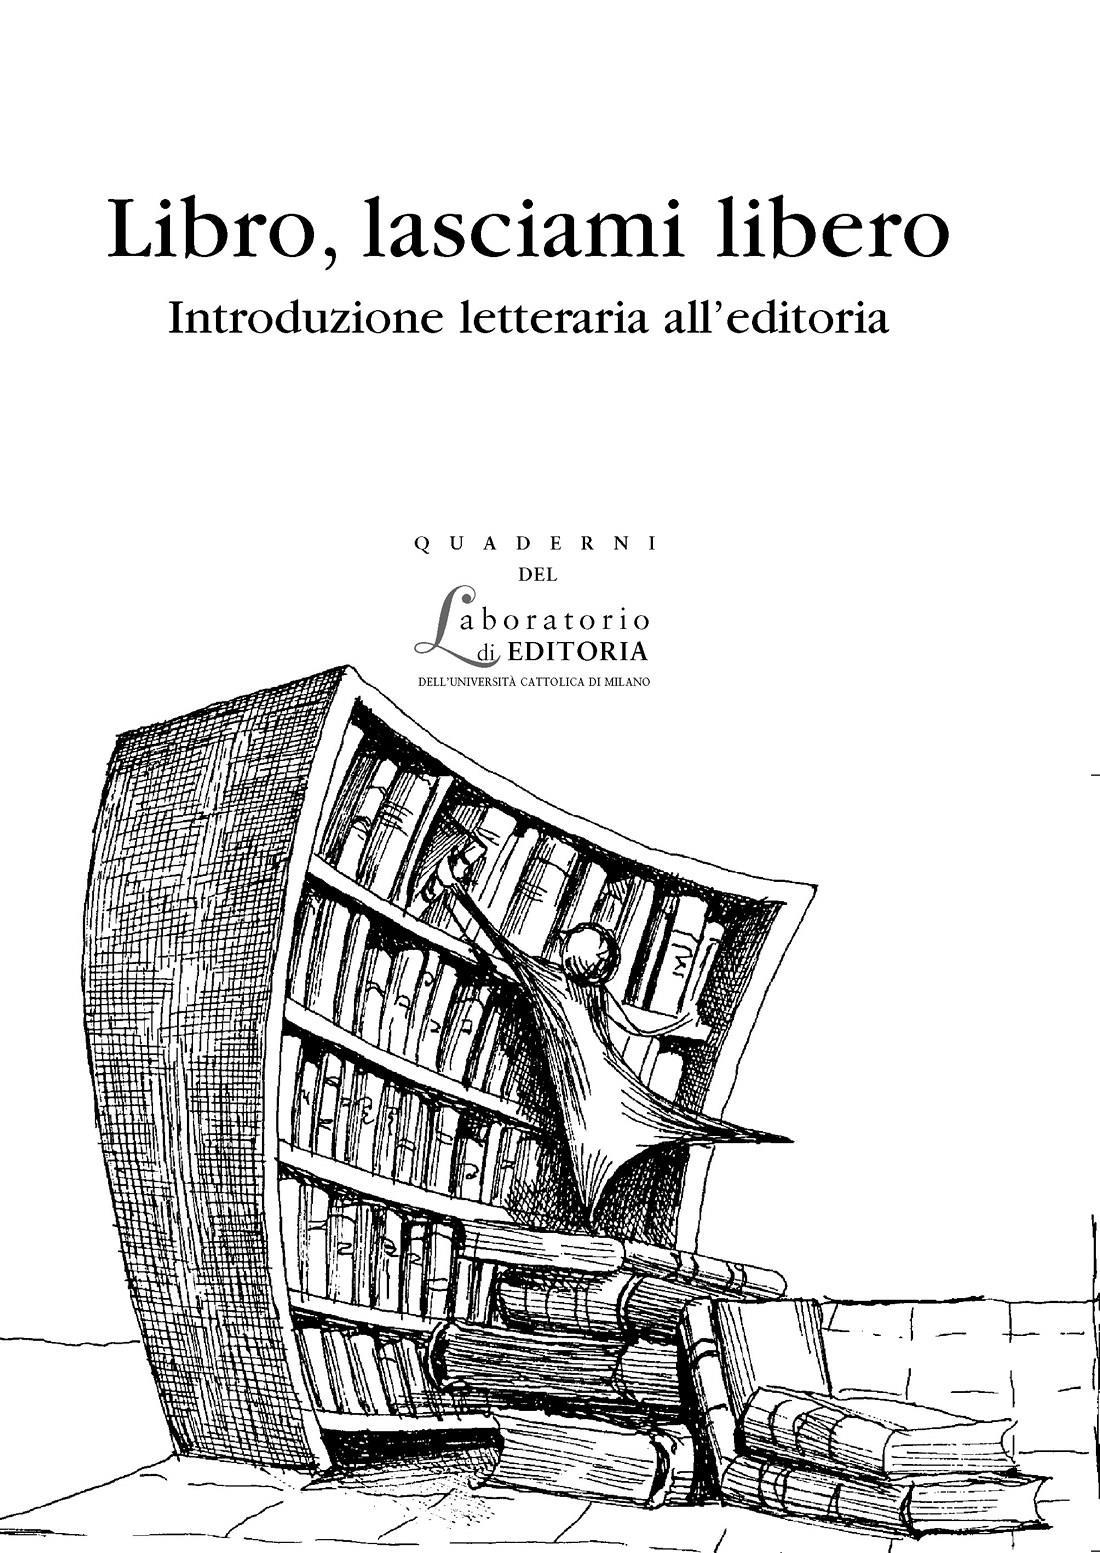 LIBRO, LASCIAMI LIBERO. INTRODUZIONE LETTERARIA ALL'EDITORIA. QUADERNI QUALE 2